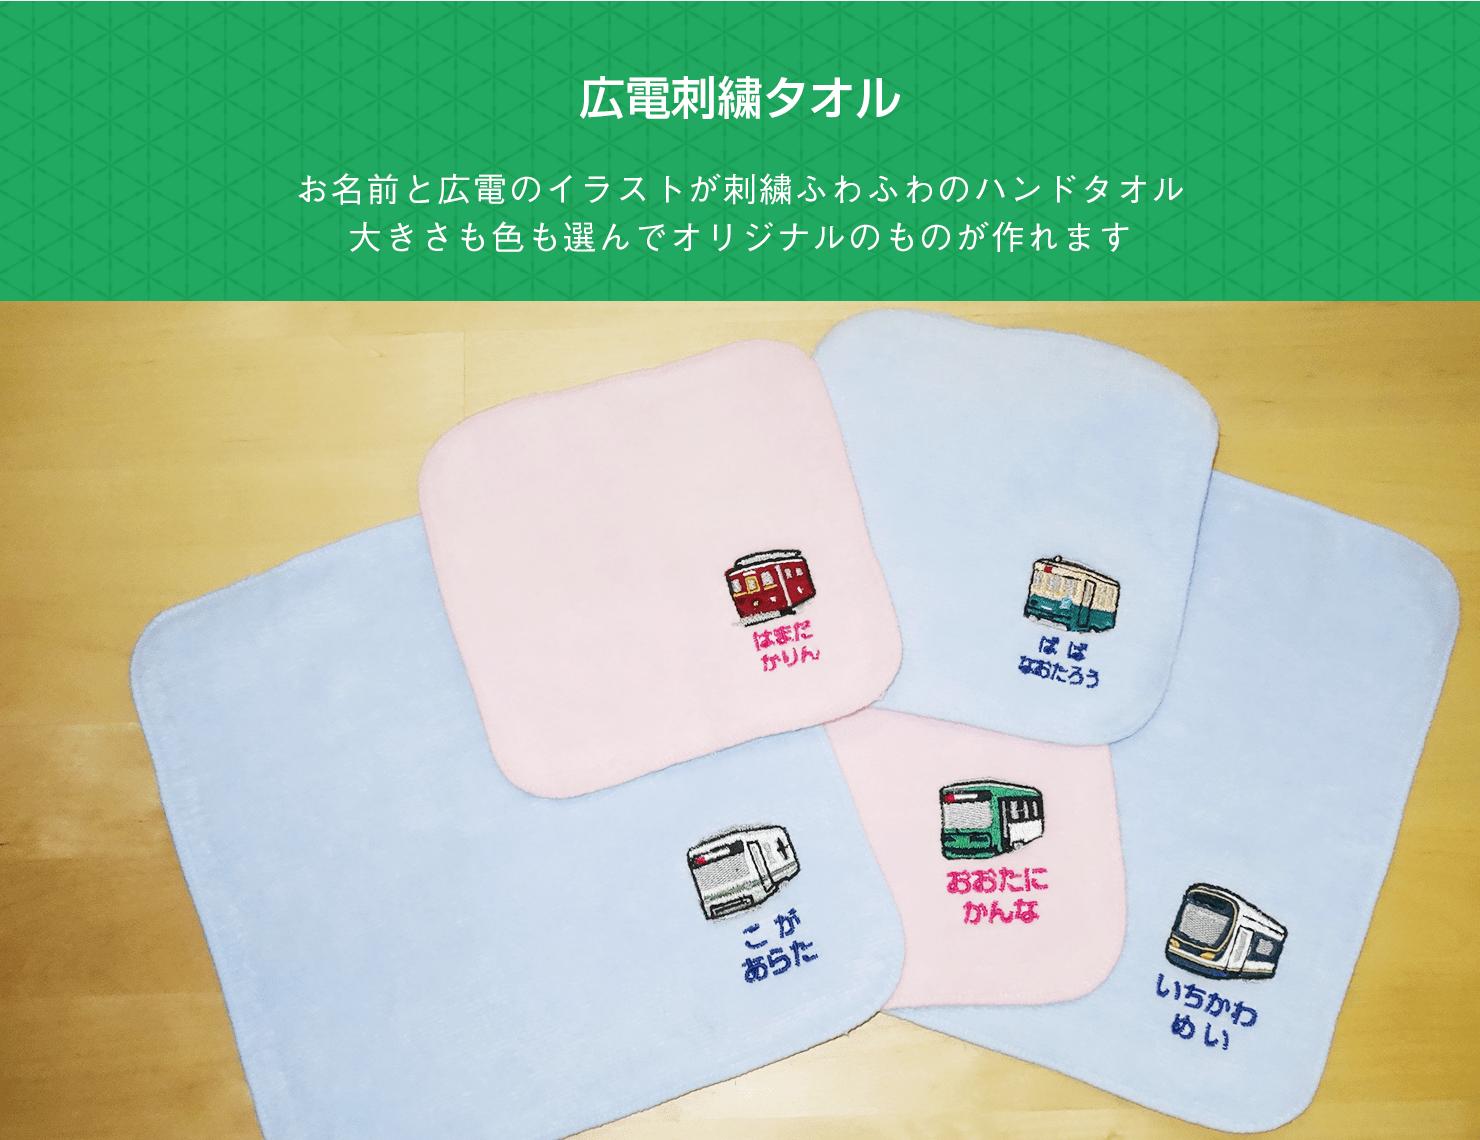 広電刺繍タオル お名前と広電のイラストが刺繍ふわふわのハンドタオル。大きさも色も選んでオリジナルのものが作れます